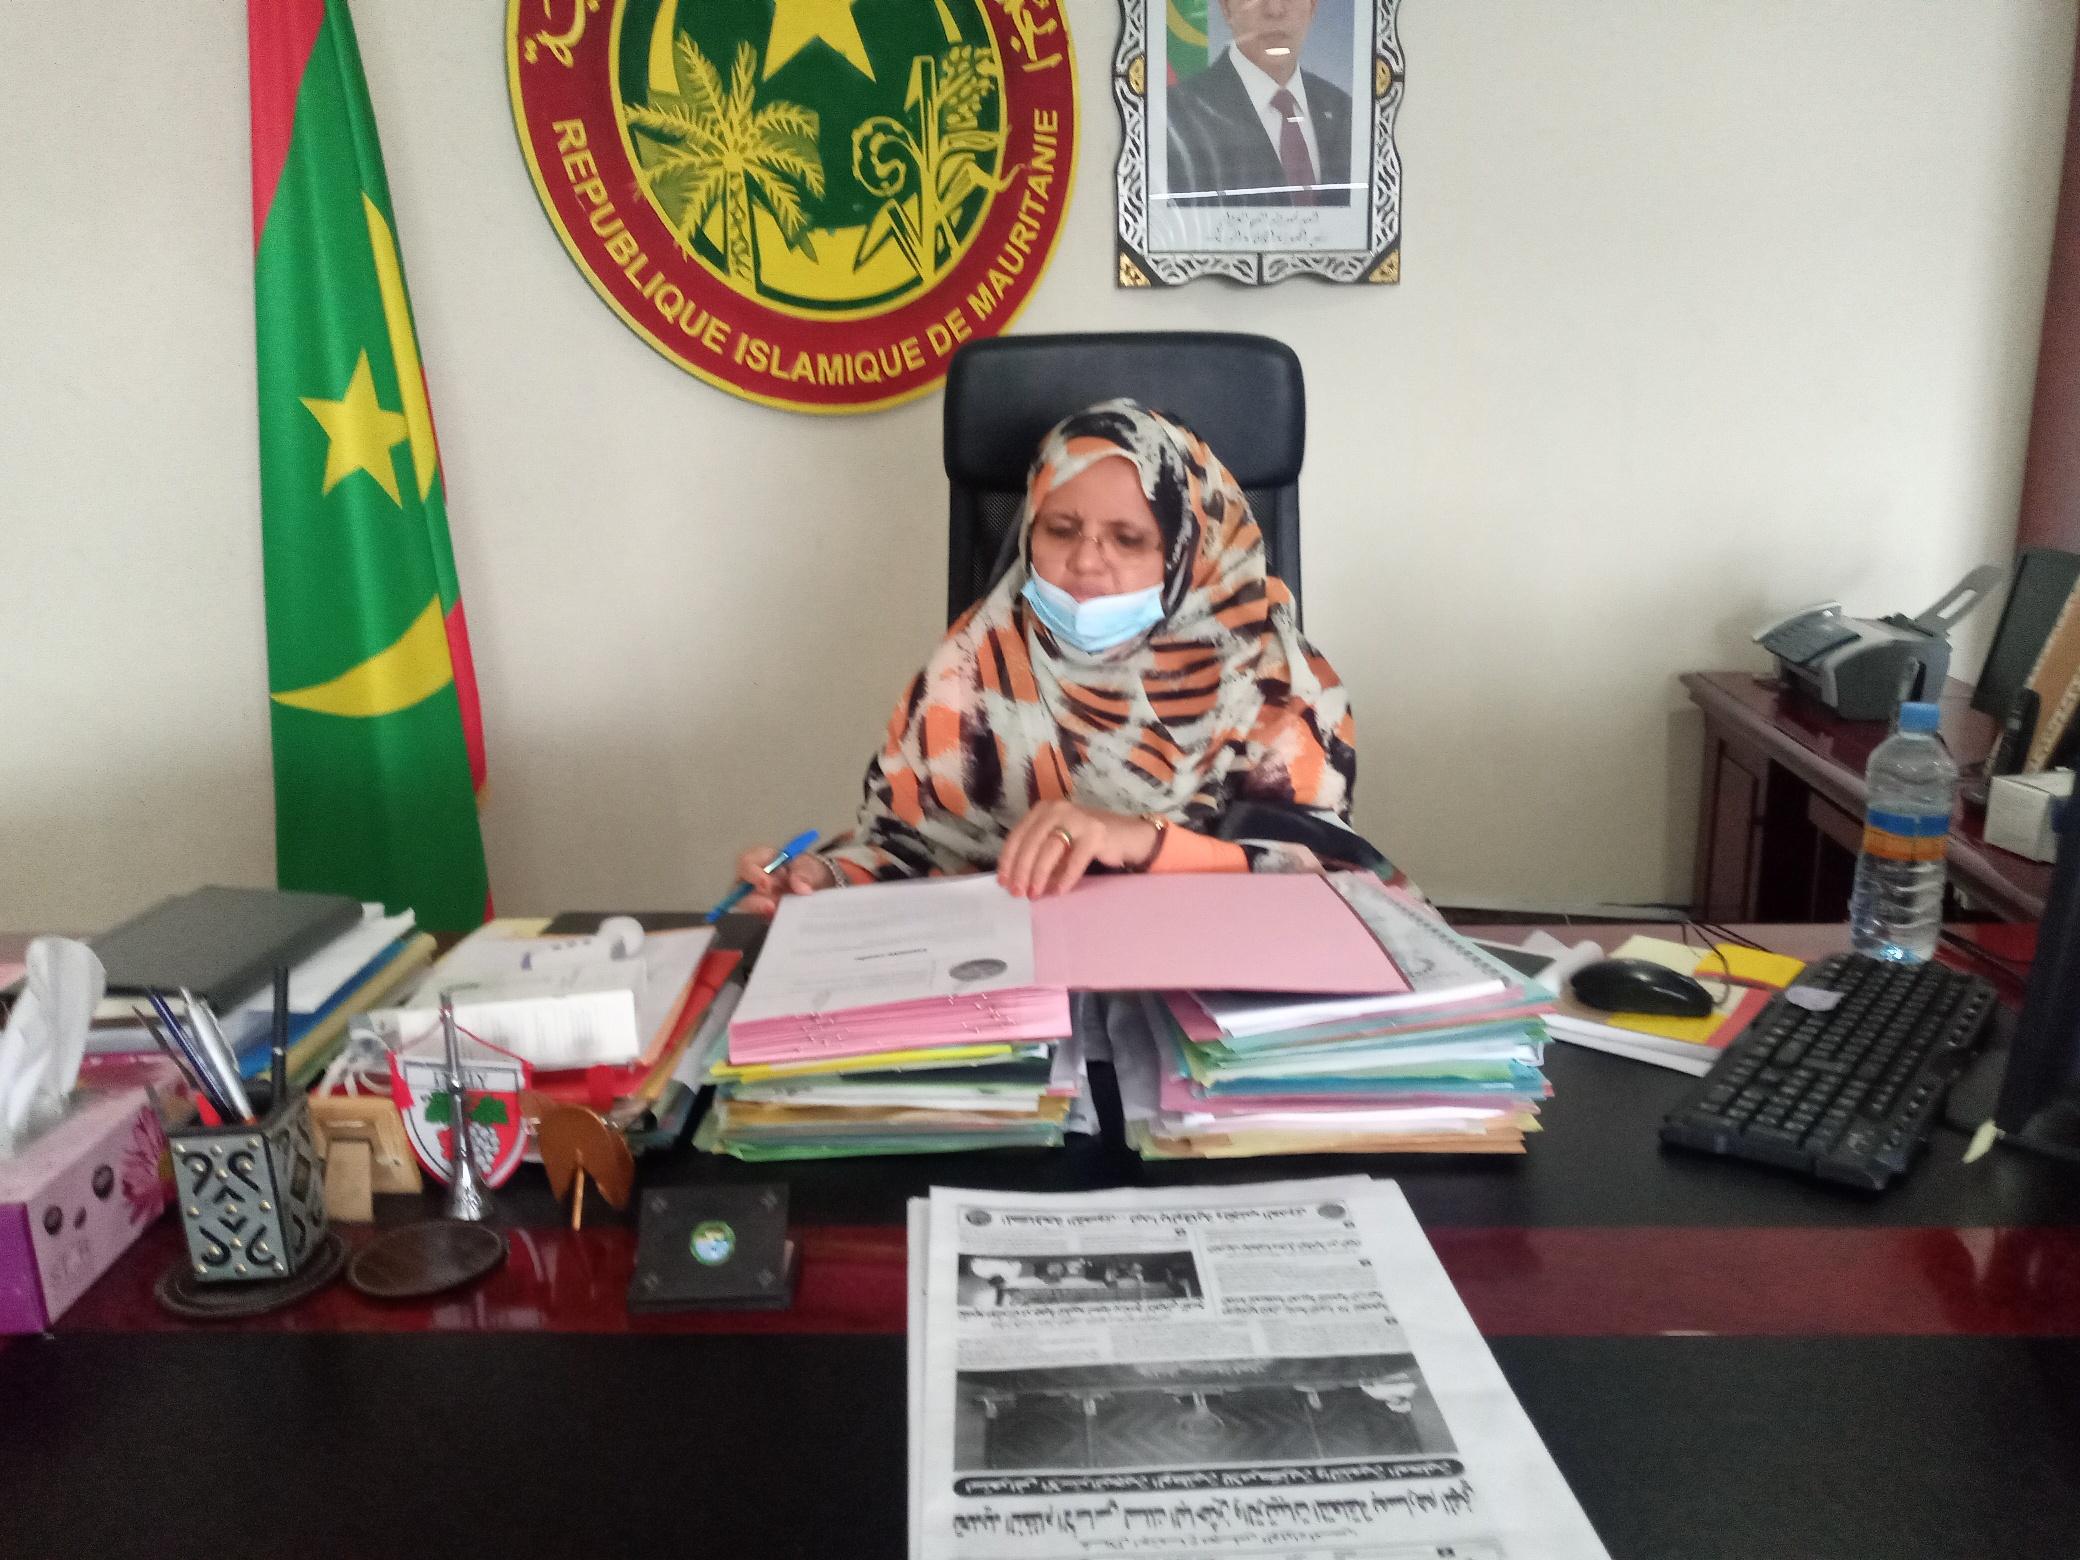 Madame Fatimetou mint Abdel Malick, présidente du Conseil Régional de Nouakchott : ''La situation à Nouakchott après chaque pluie est la conséquence d'une totale absence de politique ou de vision à long terme''